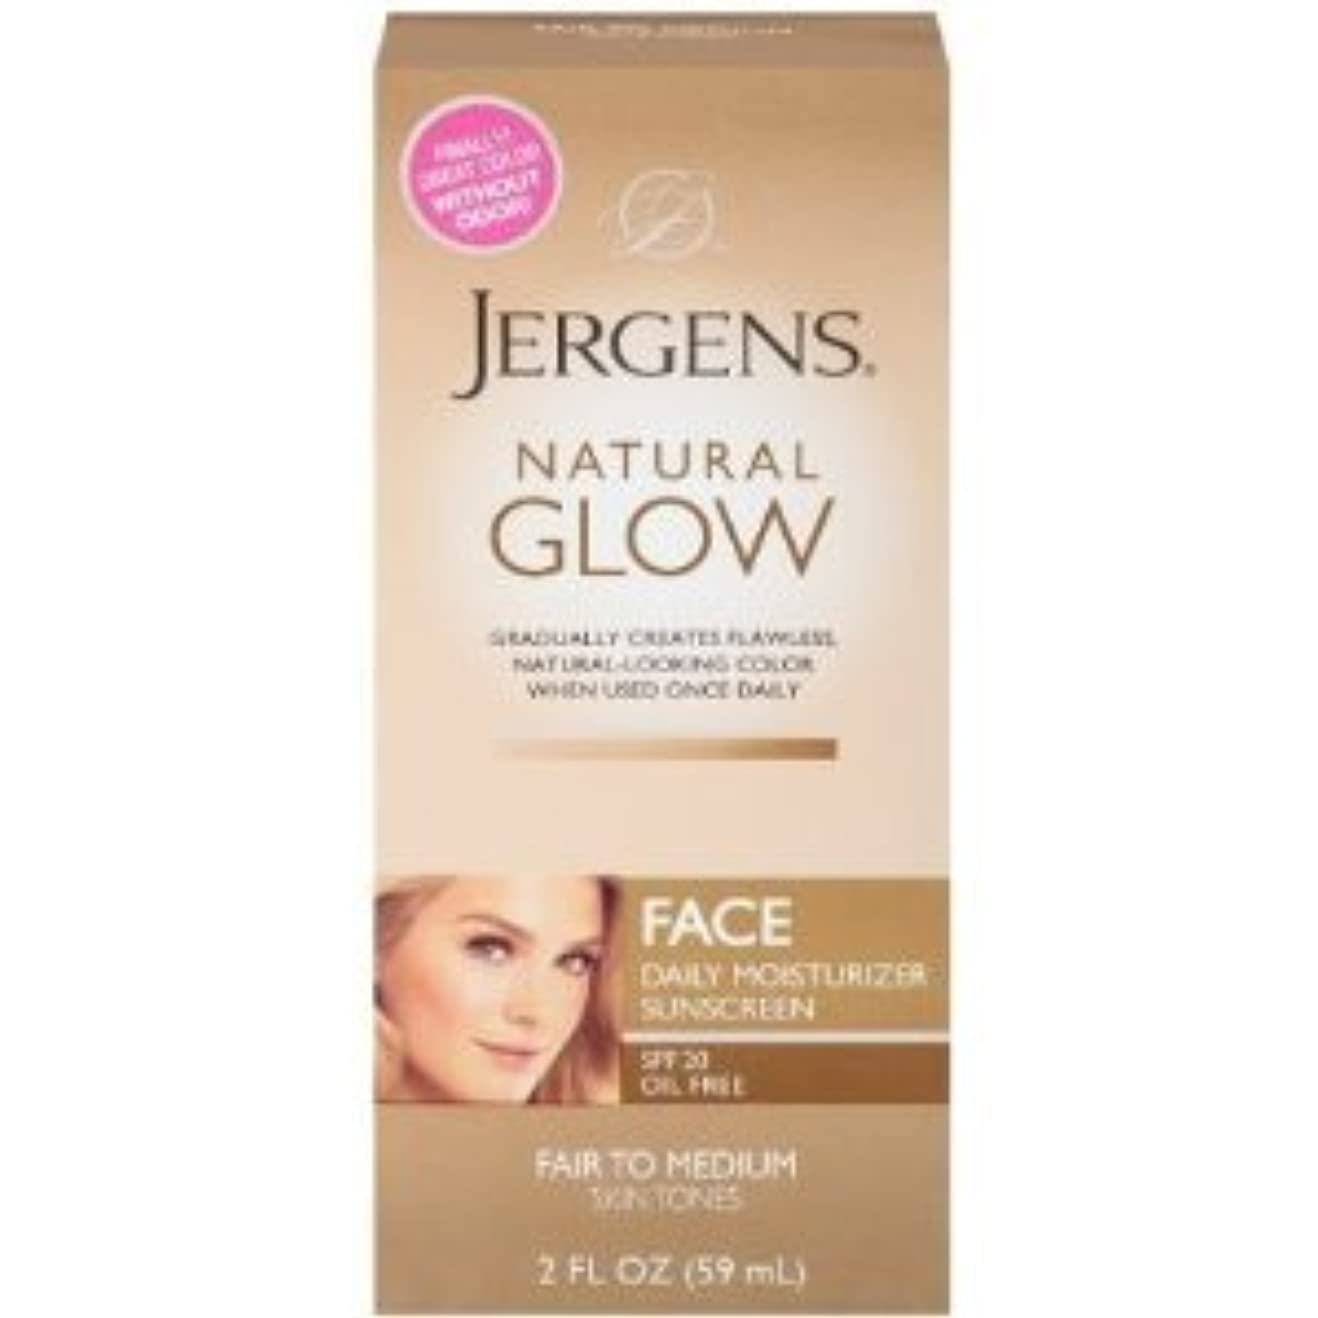 大胆不敵ここにブロッサムNatural Glow Healthy Complexion Daily Facial Moisturizer, SPF 20, Fair to Medium Tan, (59ml) (海外直送品)